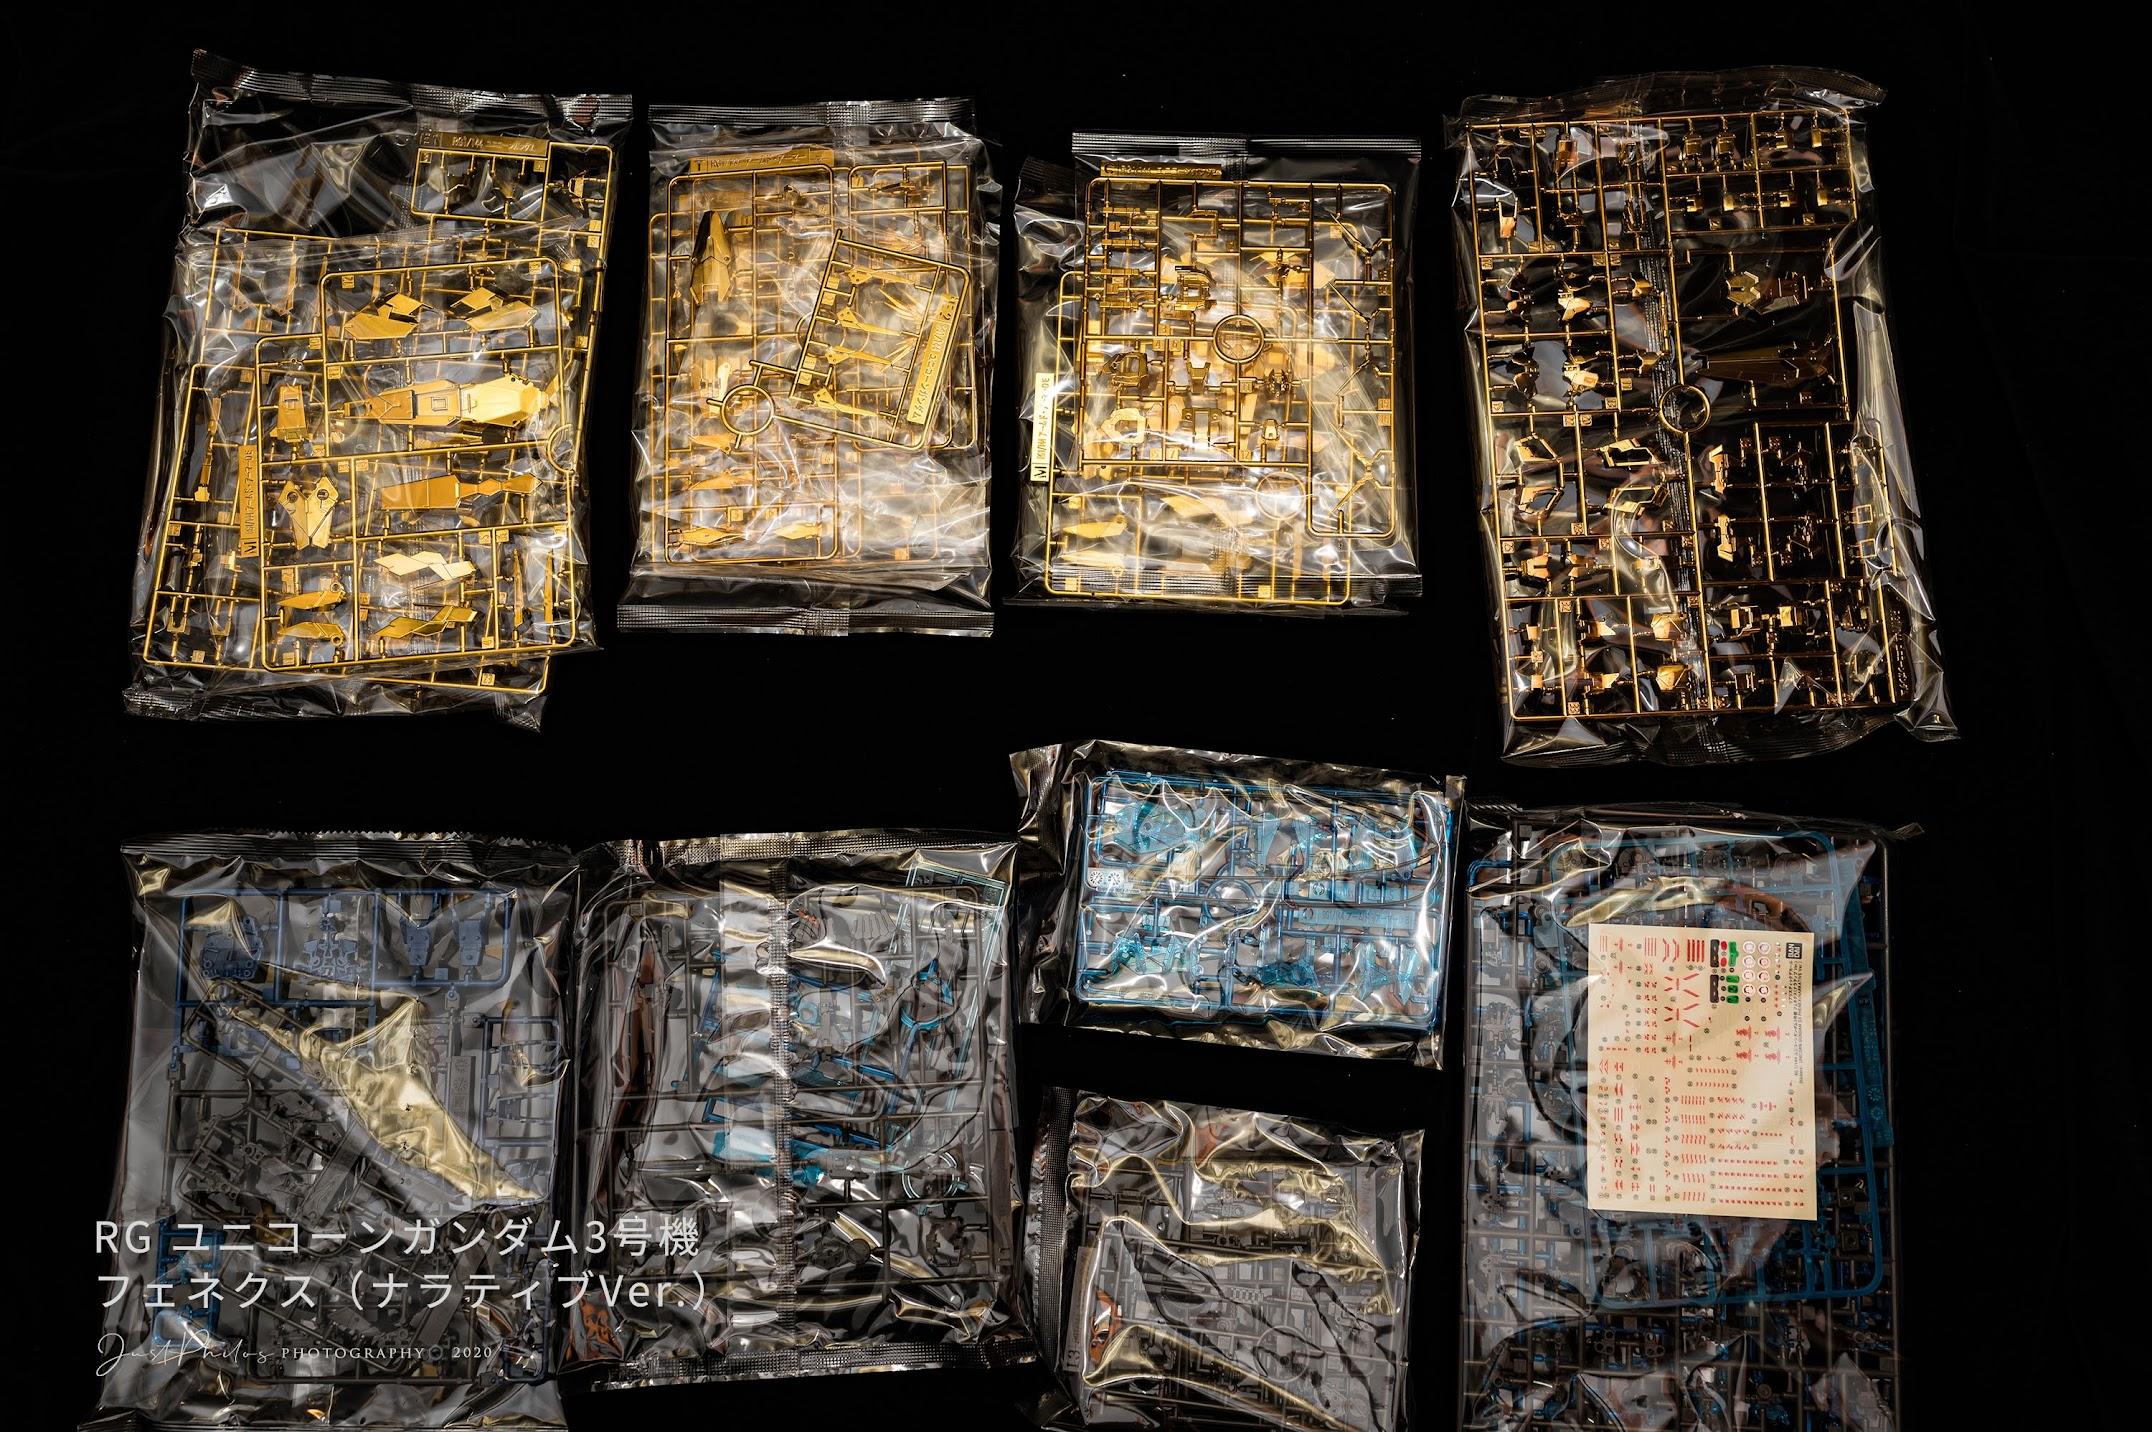 全部一共有15片零件,多數是沿用獨角獸系列的骨架,另外多加兩個DE大盾的零件,組裝起來也是需要花費一定的時間。